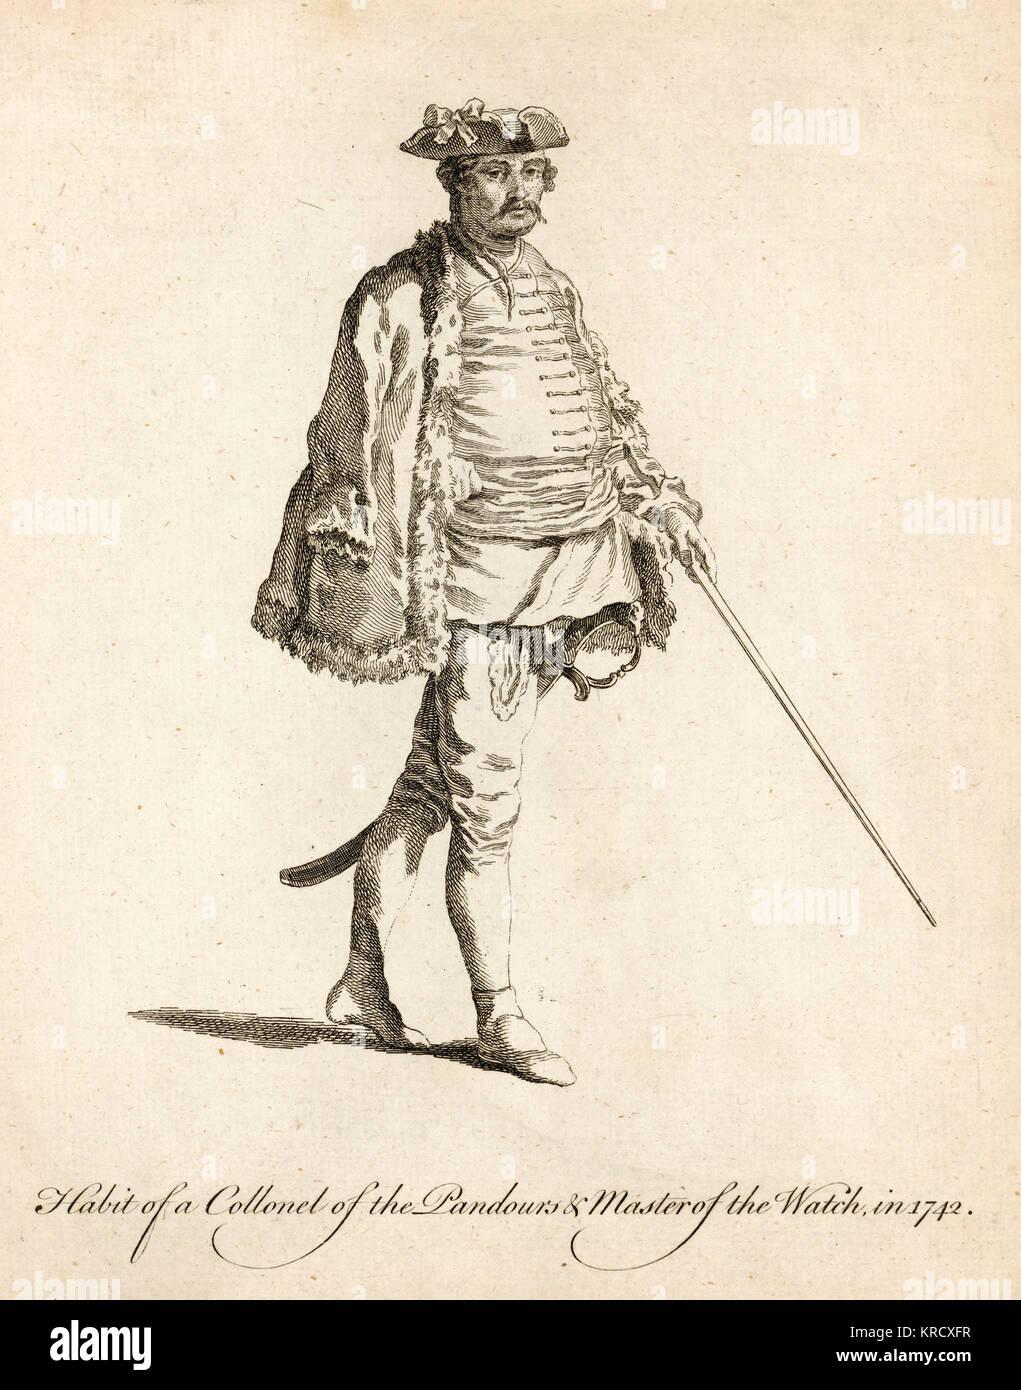 Collonel des Pandours und Meister der Uhr. Ursprünglich ungarische Bergsteiger, in der Österreichischen Stockbild